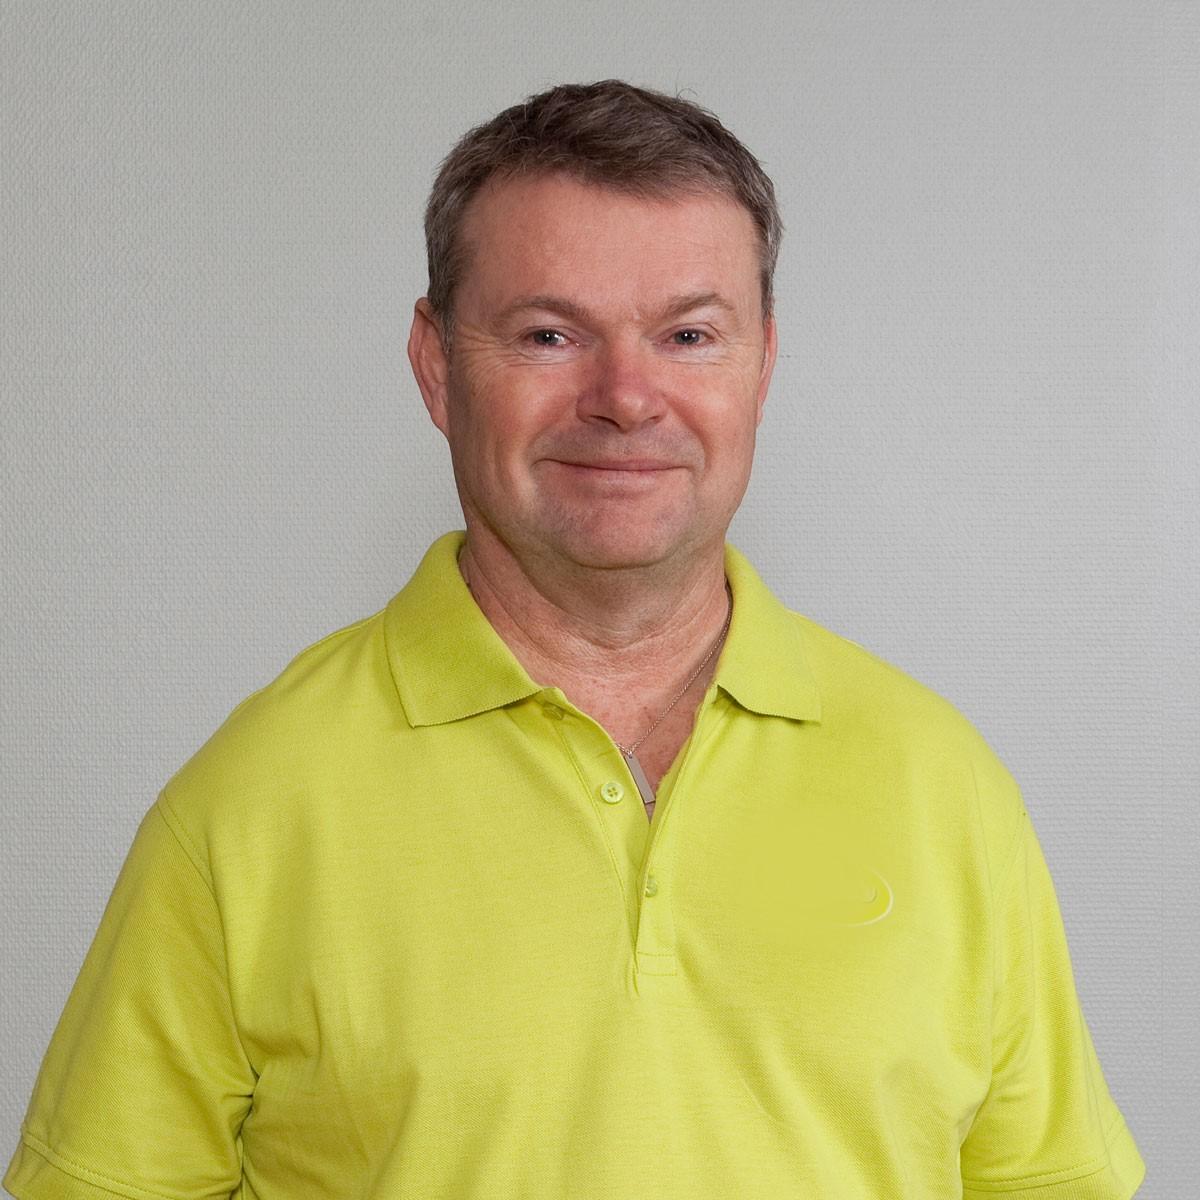 Jan-Eric Fredriksson